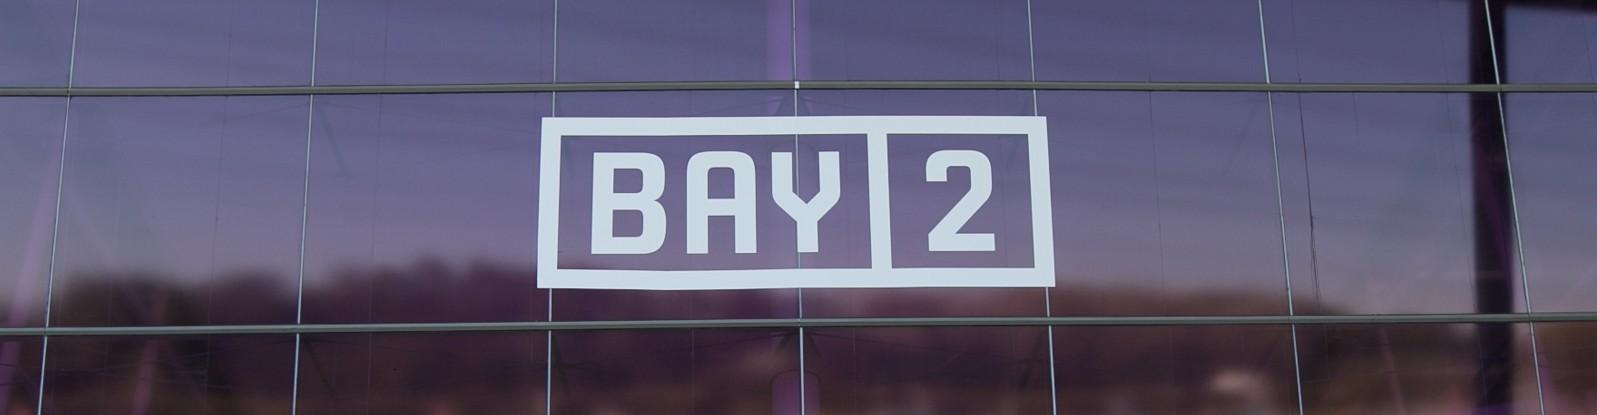 BAY2-4